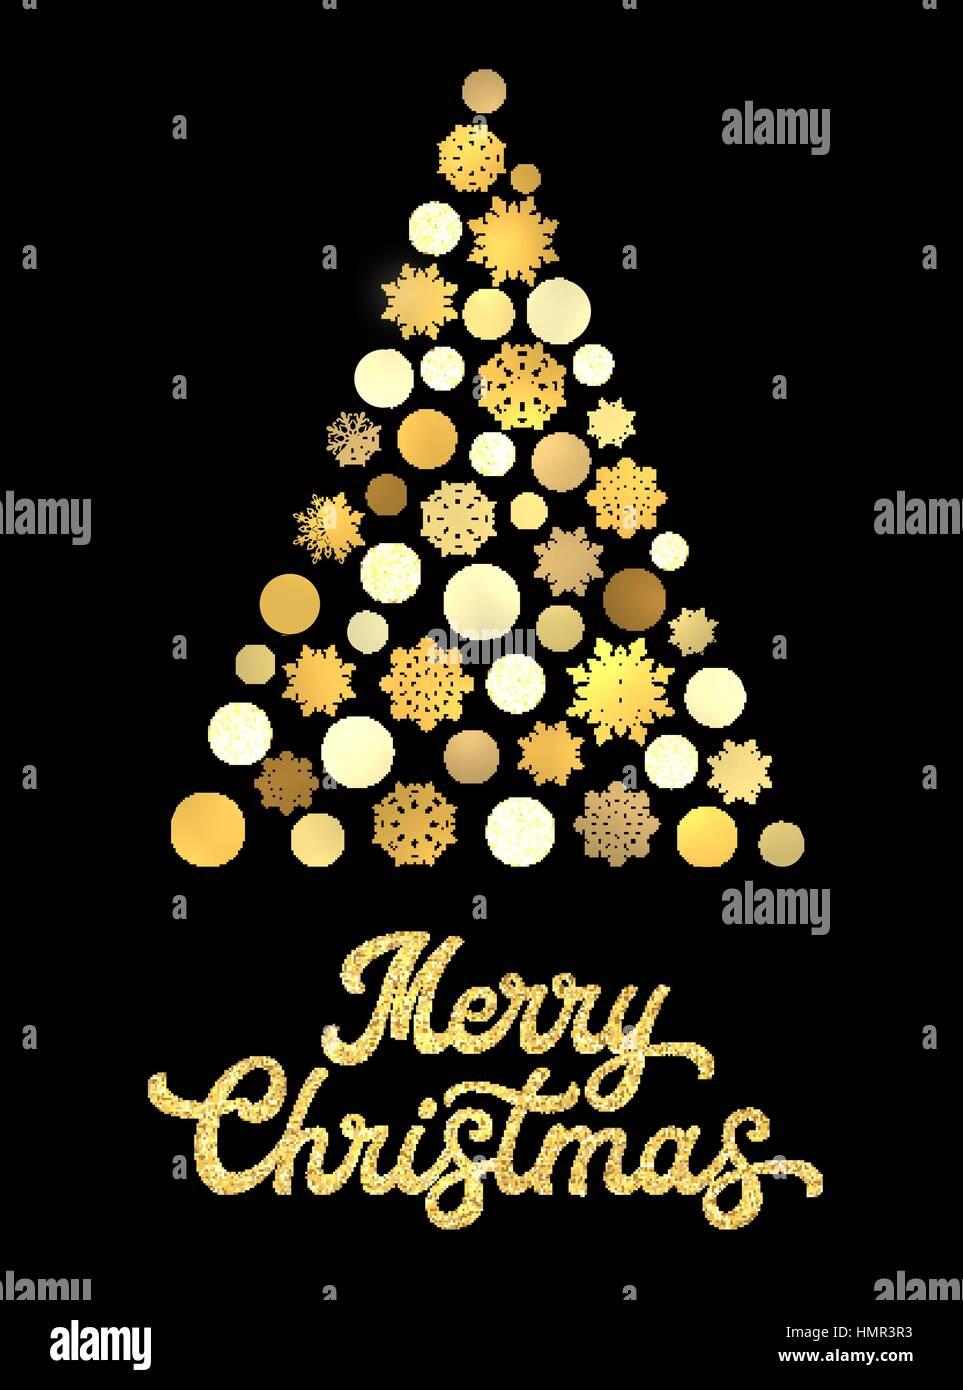 Albero Di Natale Nero E Oro.Stilizzata Albero Di Natale Isolato Su Sfondo Nero Con Oro Glitter